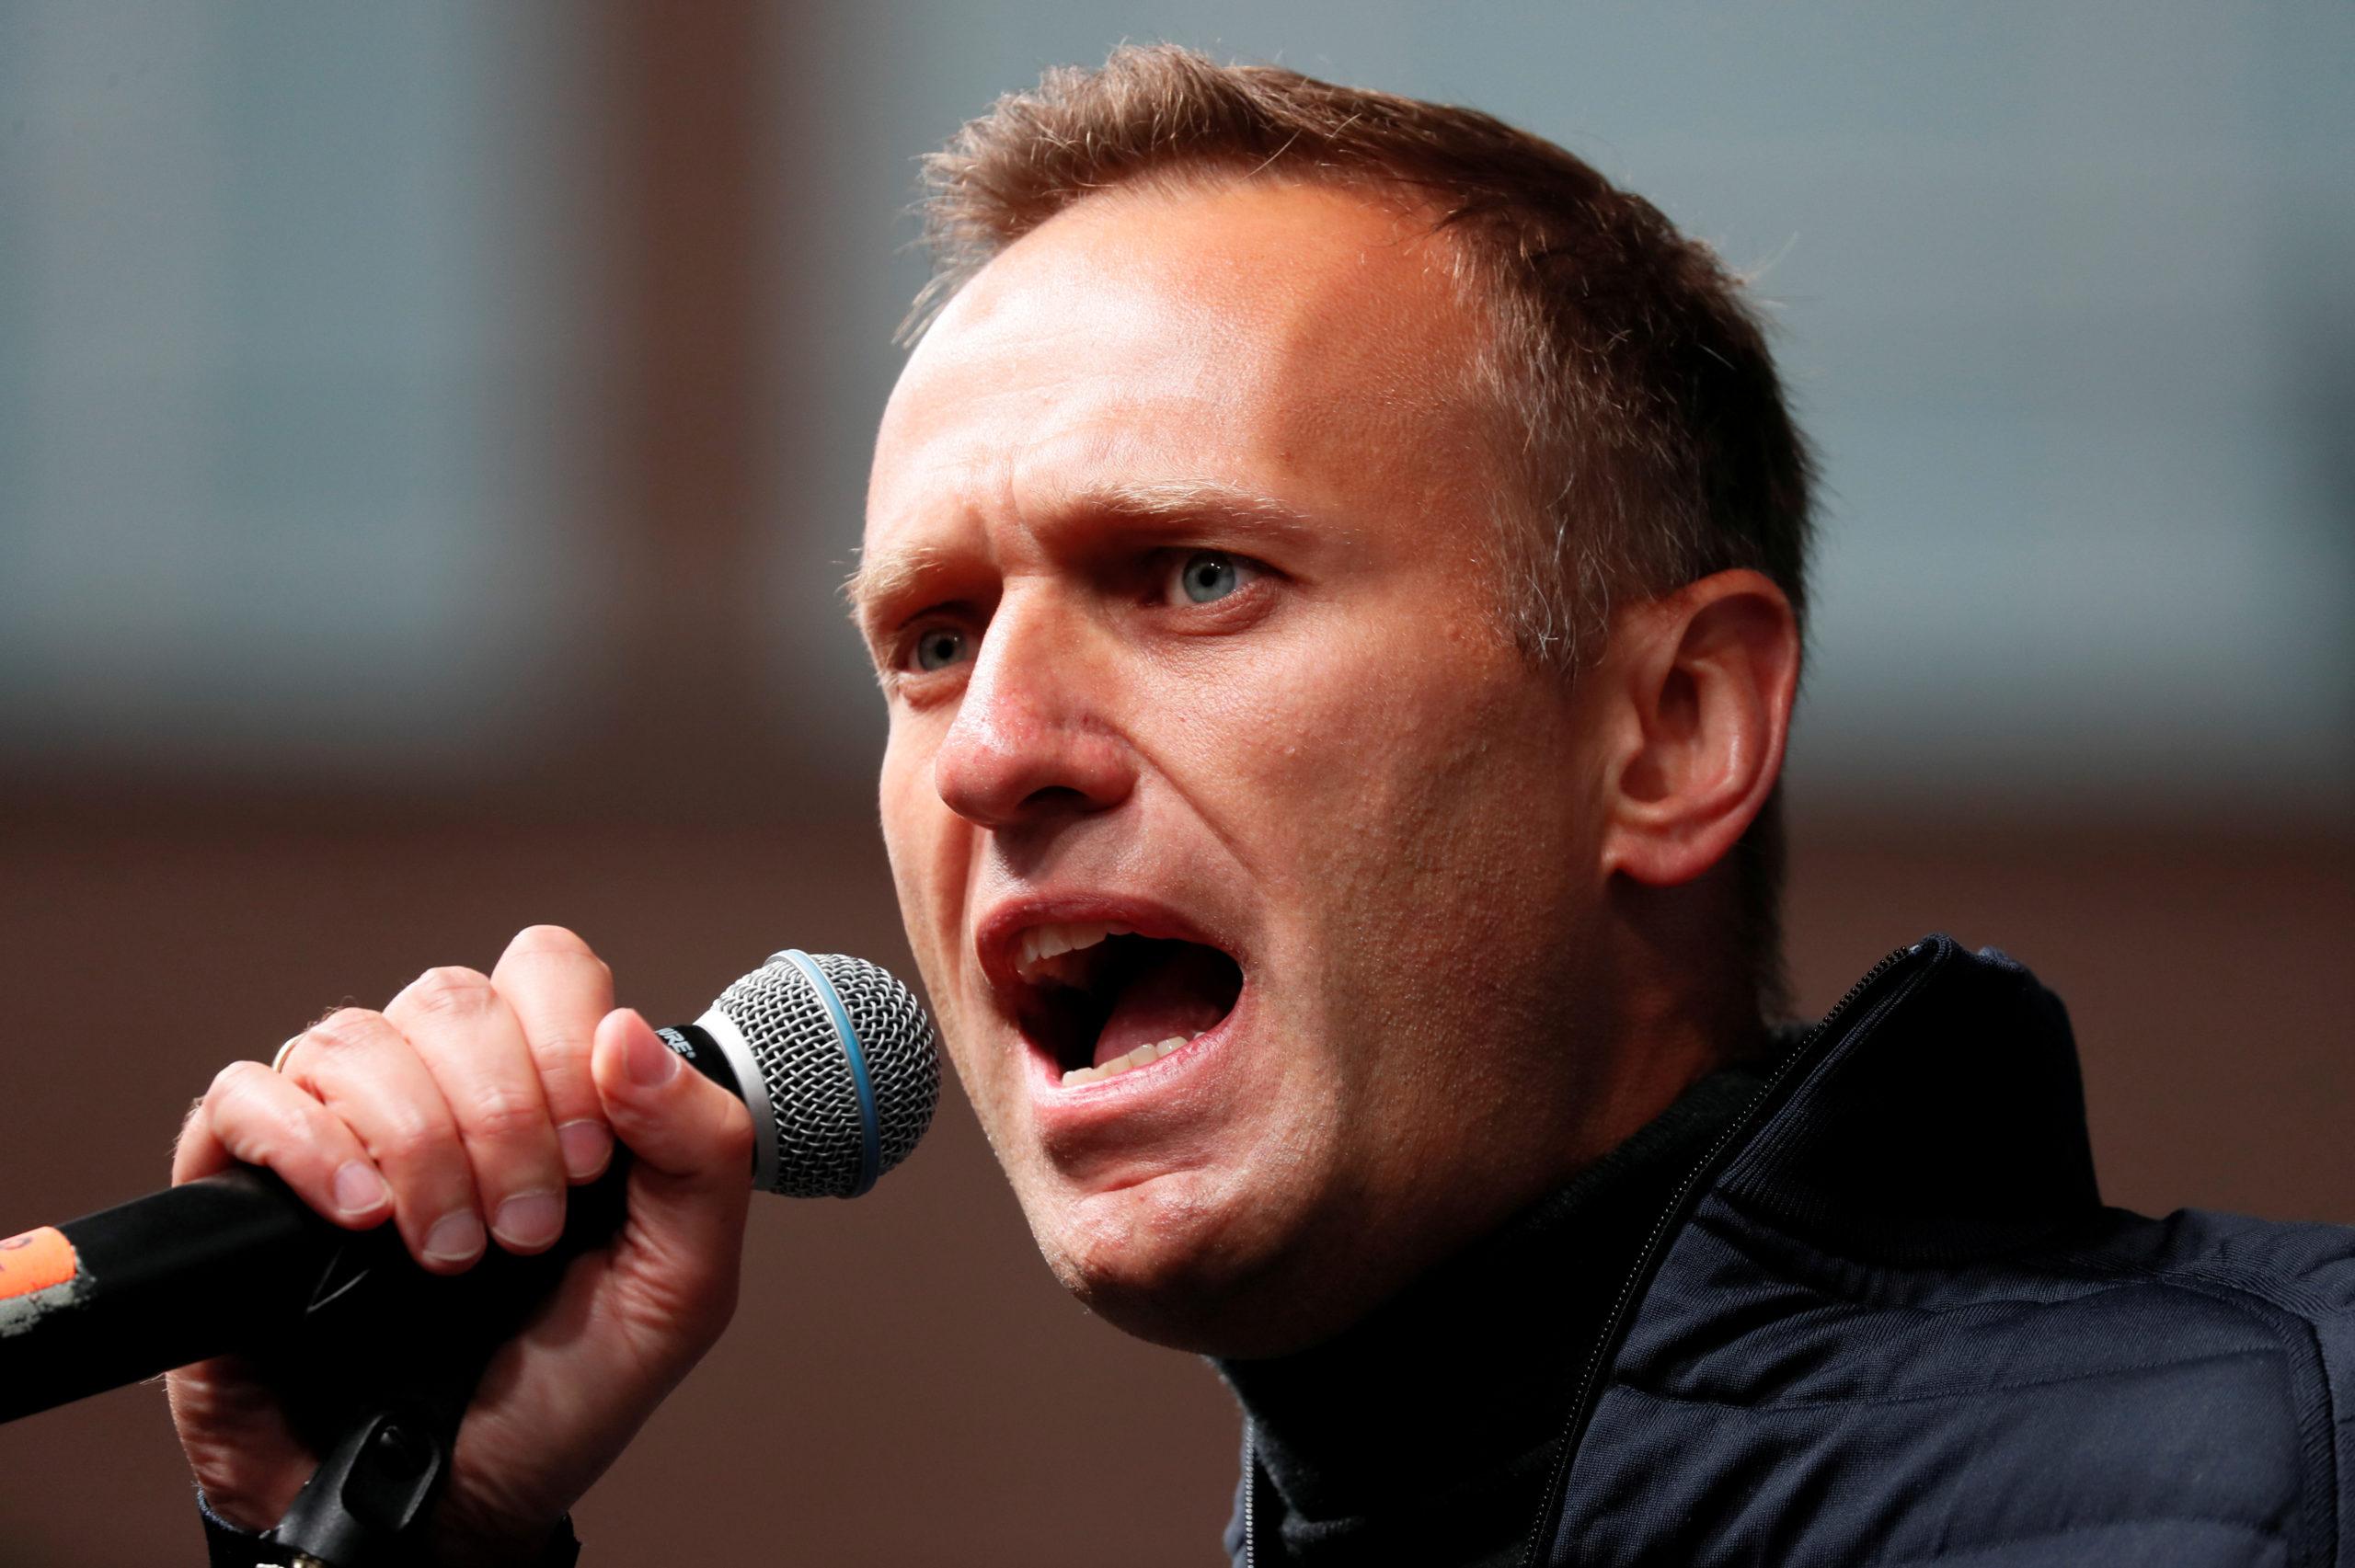 Paris prêt à accueillir l'opposant russe Navalny dans le coma